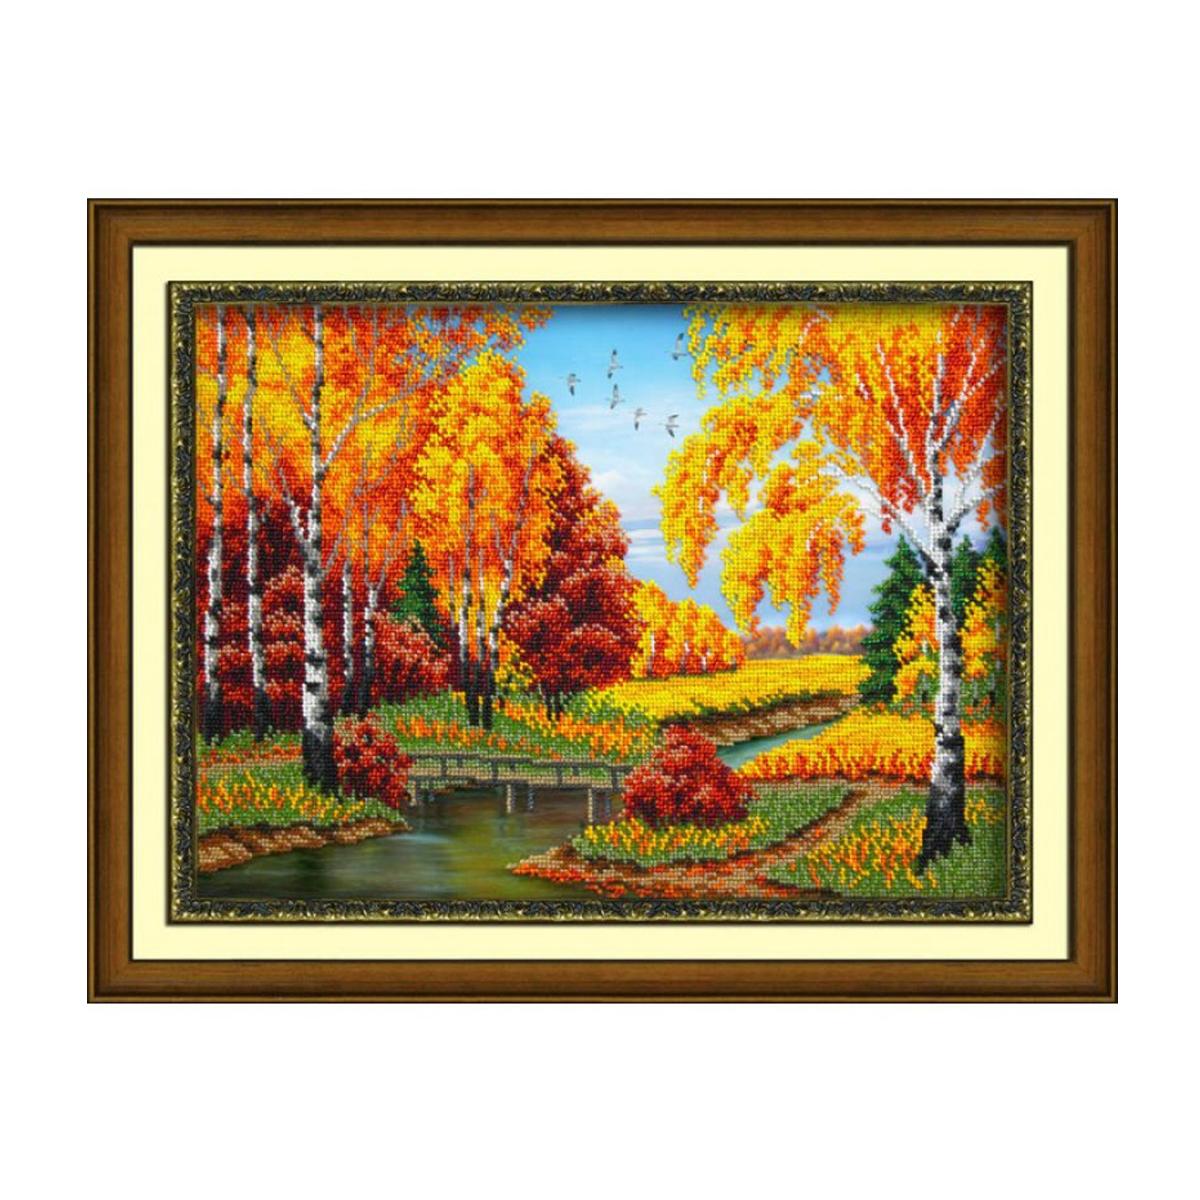 Набор для вышивания бисером Паутинка Золотая осень, 28 см х 38 см. Б1435486459Состав набора: бисер Чехия - 17 цветов, льняная ткань с нанесенным рисунком, бисерная игла, подробная инструкция.